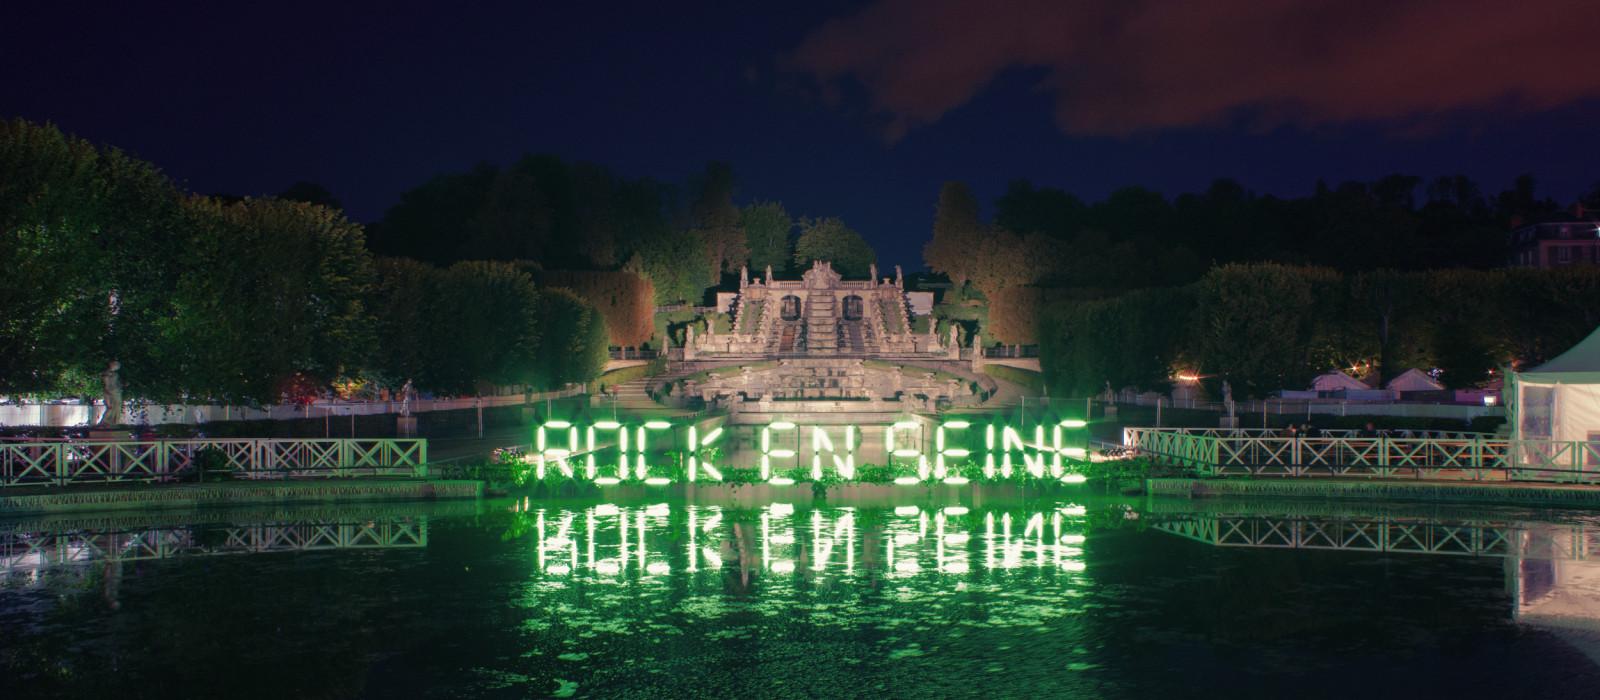 Let's Dance au festival Rock en Seine 2016 !